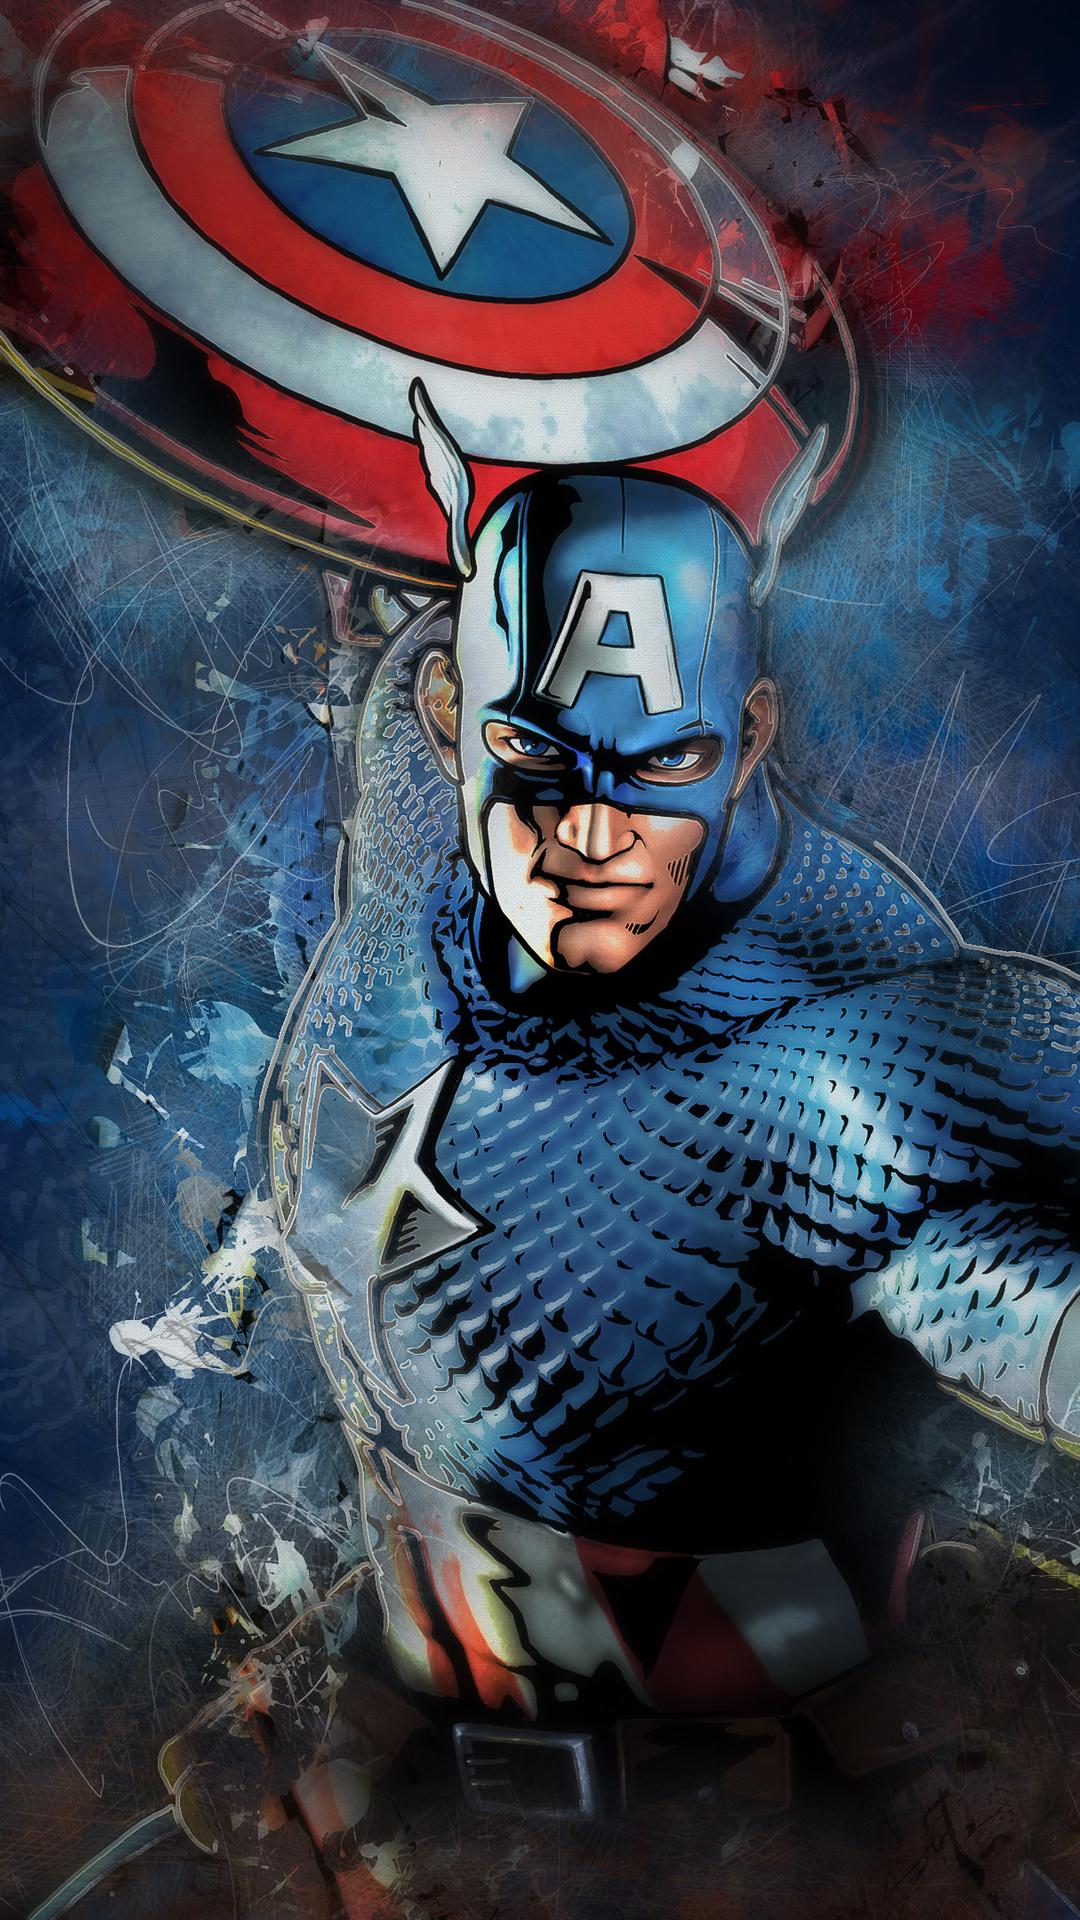 1080x1920 Captain America Artwork 4k Iphone 7,6s,6 Plus ...